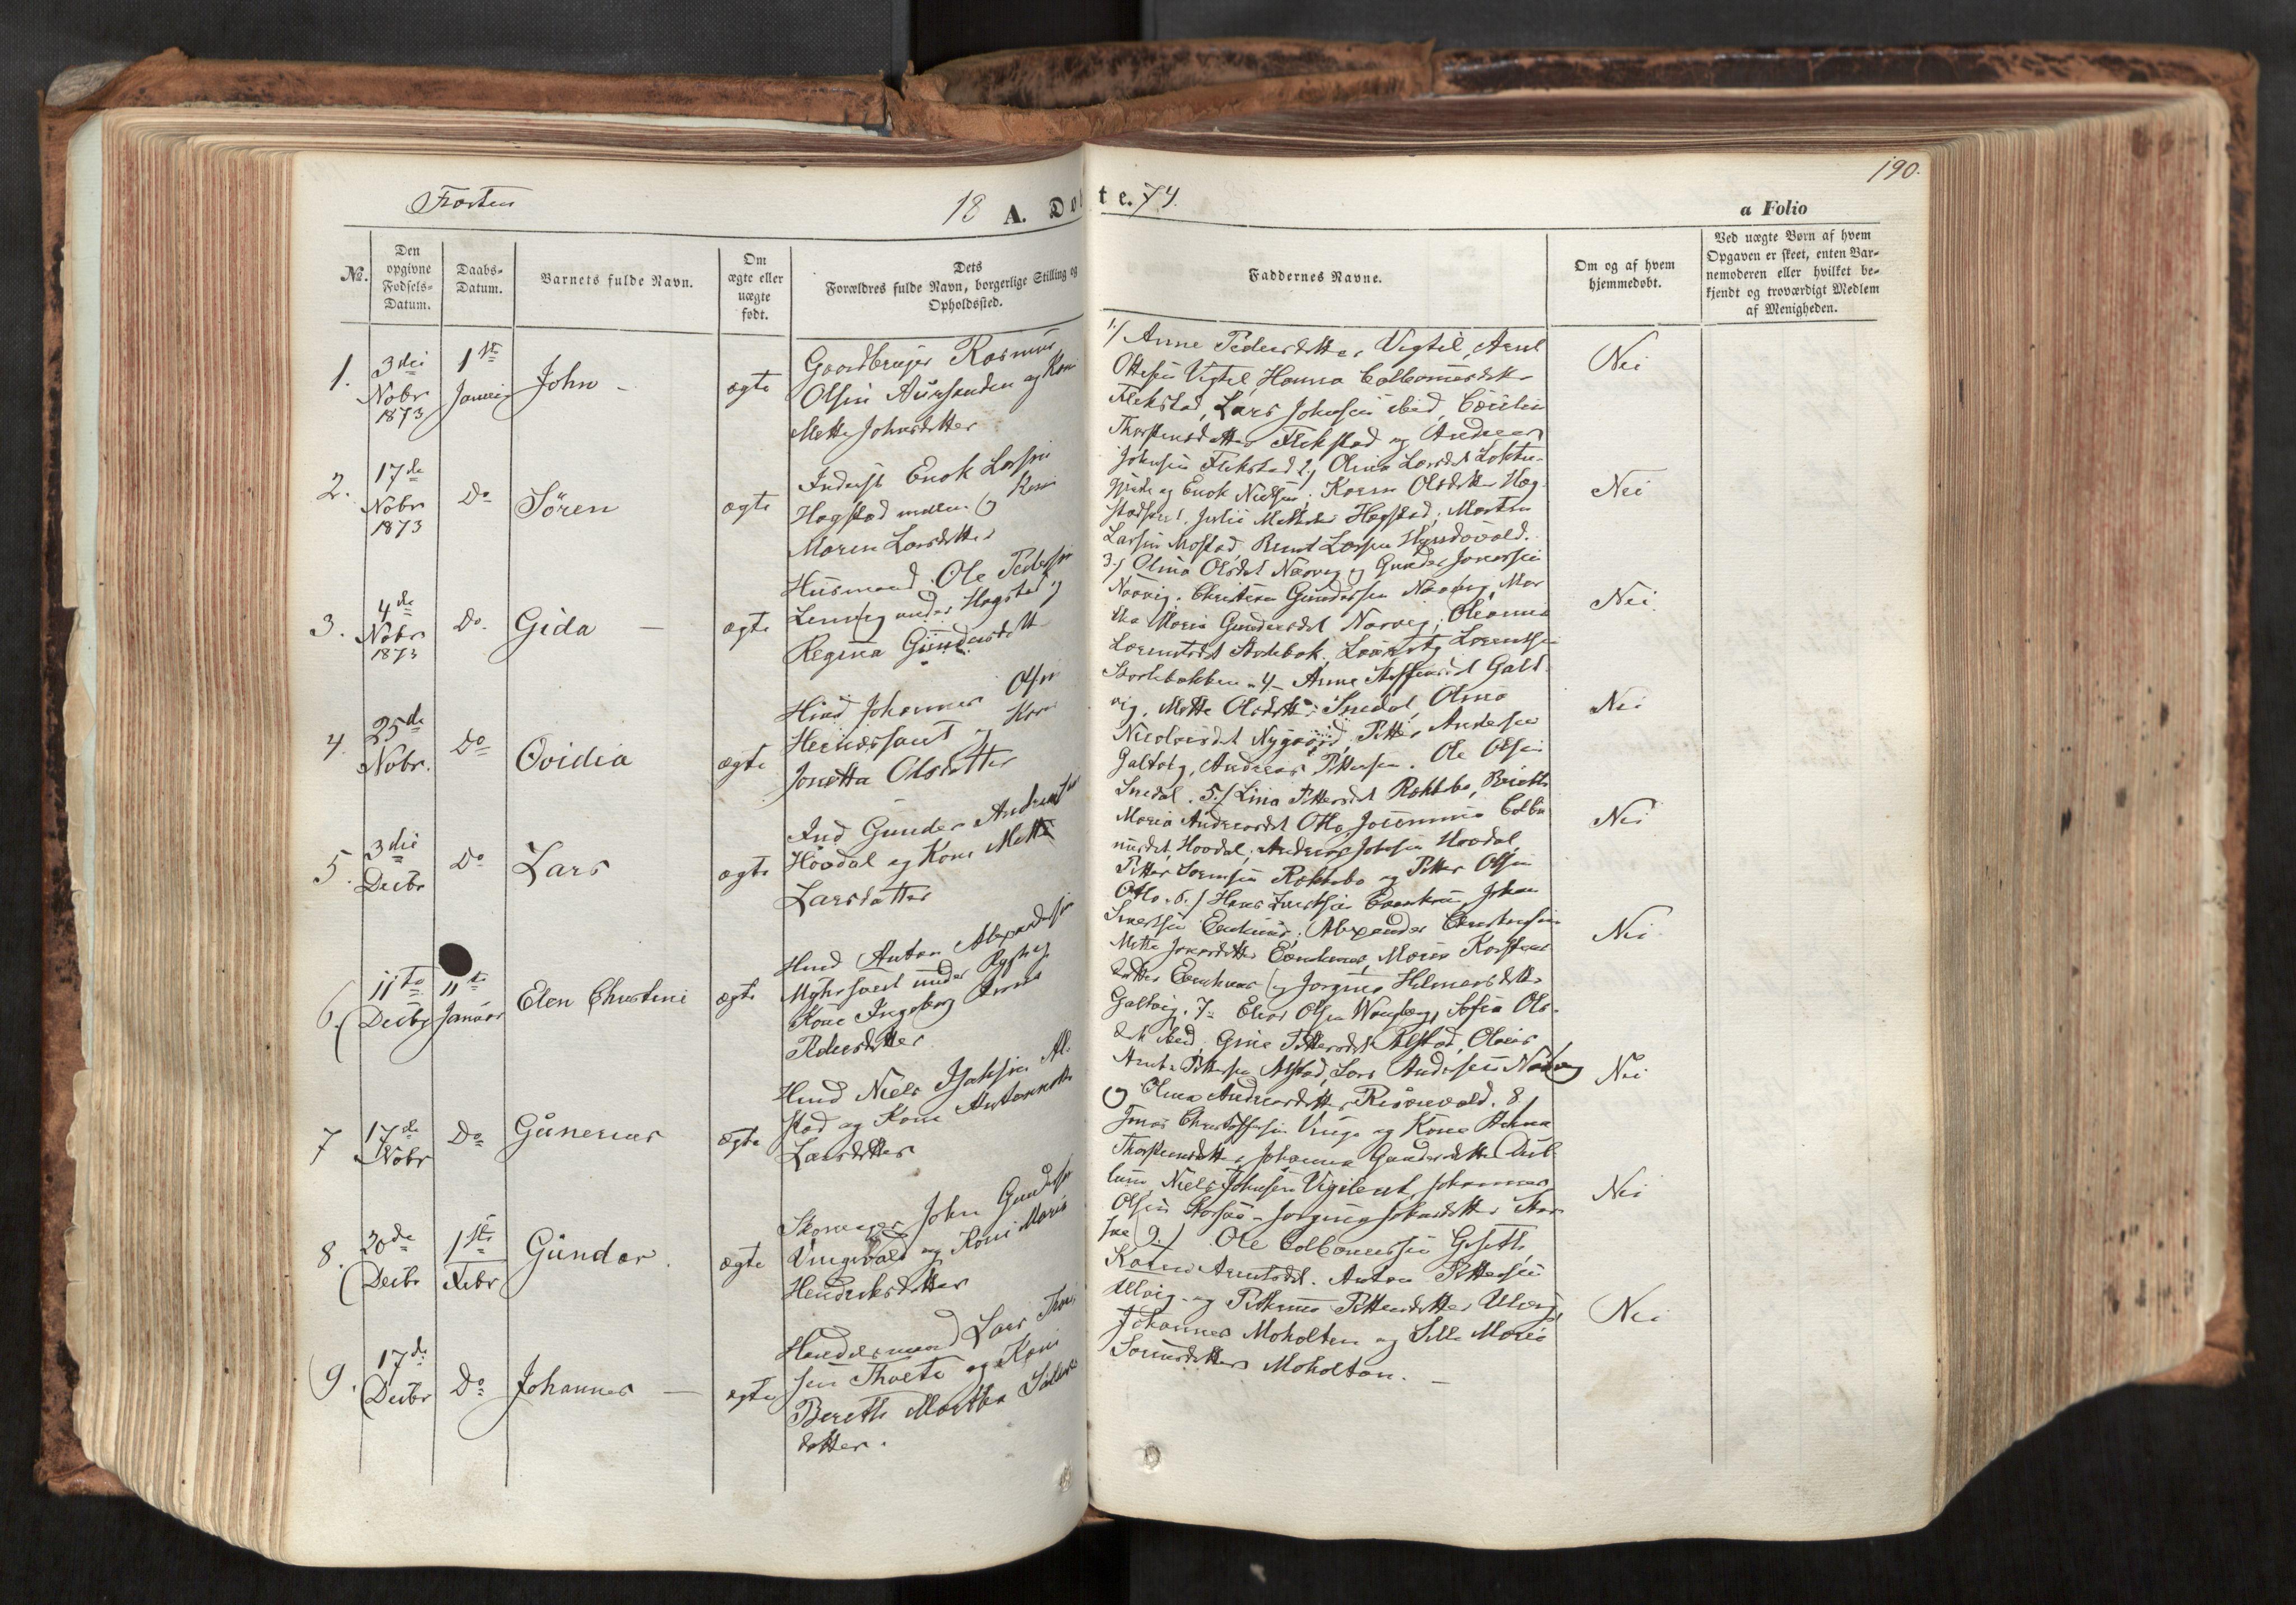 SAT, Ministerialprotokoller, klokkerbøker og fødselsregistre - Nord-Trøndelag, 713/L0116: Ministerialbok nr. 713A07, 1850-1877, s. 190